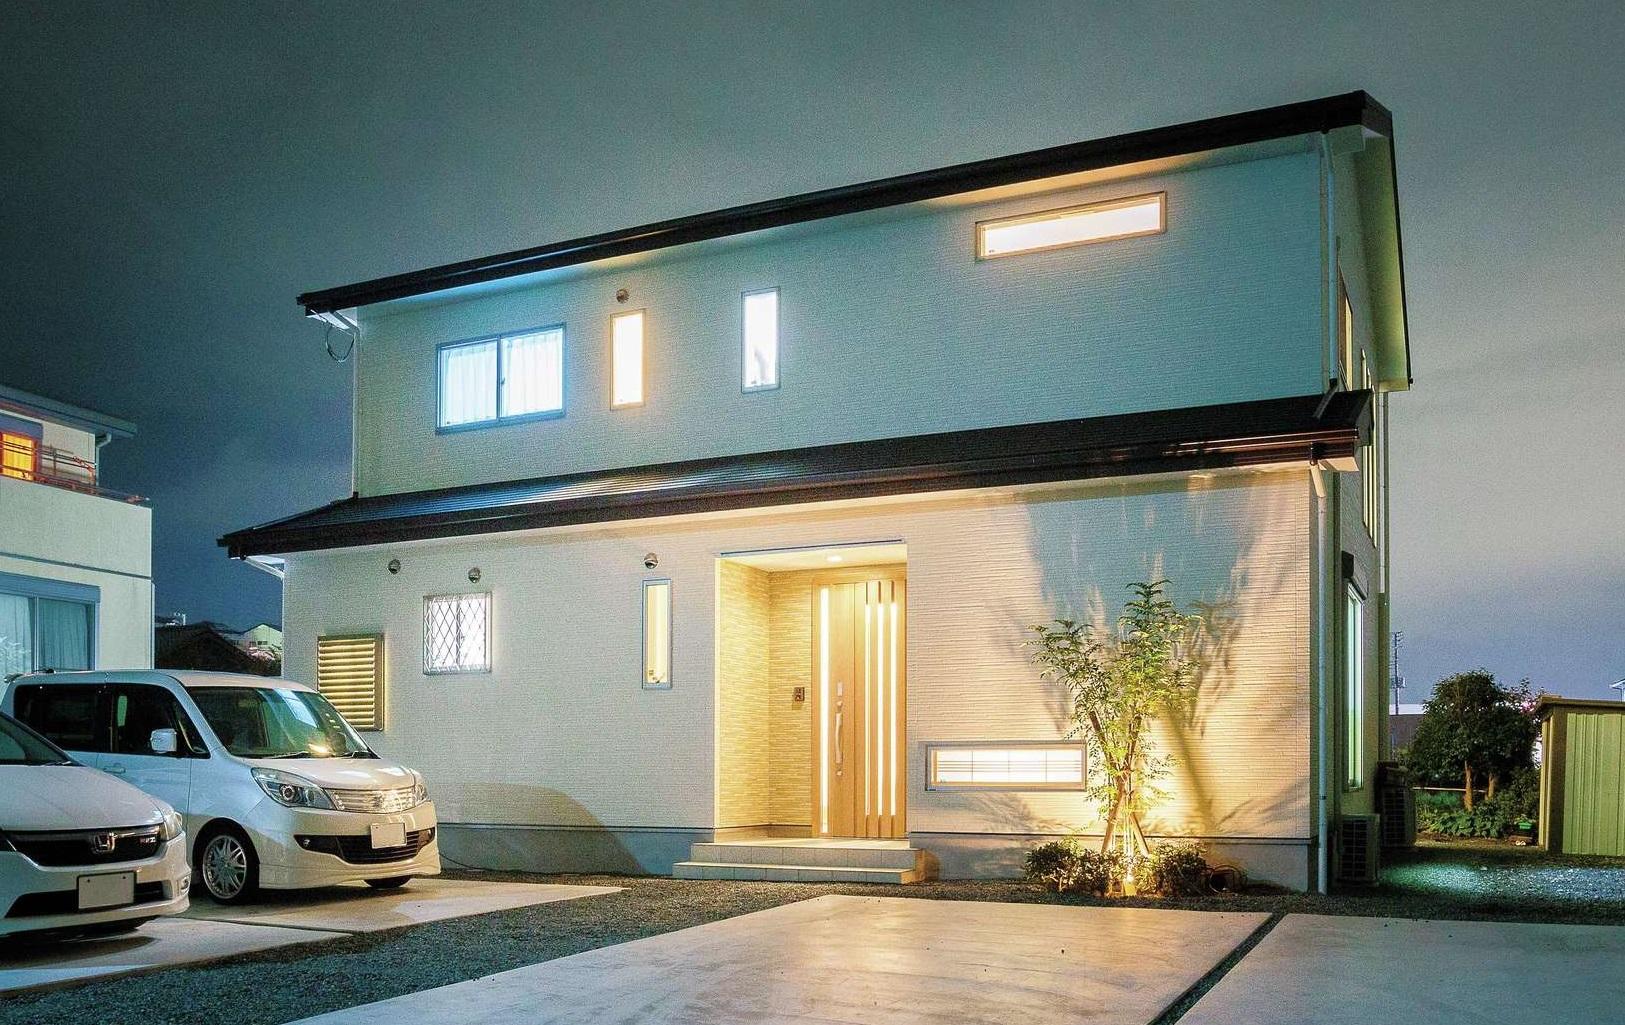 住宅工房 アリアンス【省エネ、間取り、スキップフロア】和とモダンが共鳴する洗練された外観。5.5kWの太陽光発電を搭載し、光熱費はほぼ毎月黒字